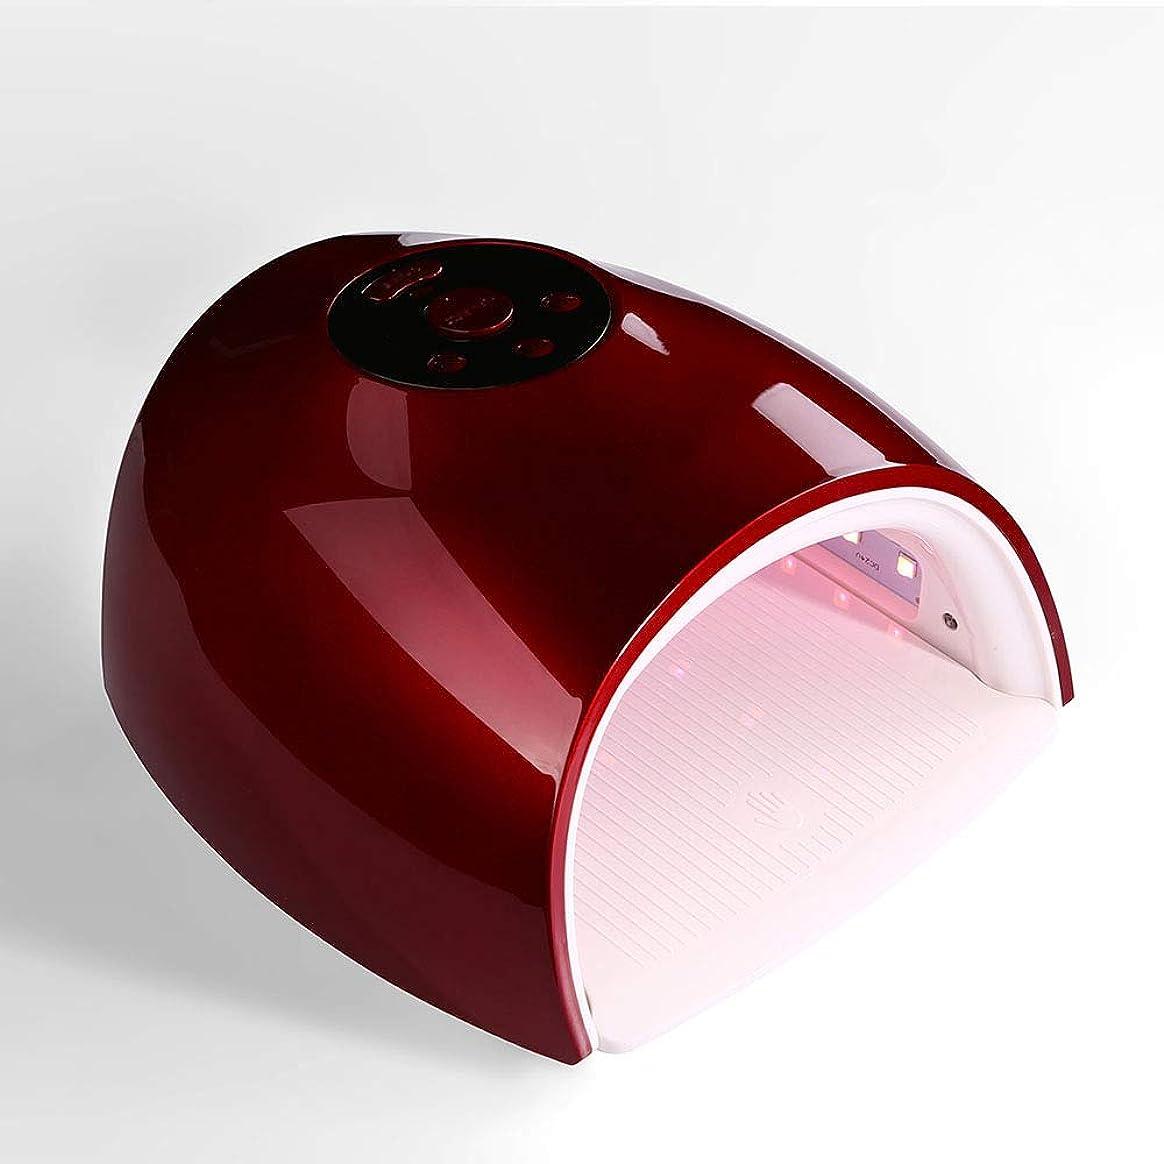 率直なモノグラフ登録する釘ドライヤー - 自動赤外線センサー、二重光源のLedランプのゲルのドライヤーのマニキュアが付いている紫外線携帯用Ledの釘ランプ